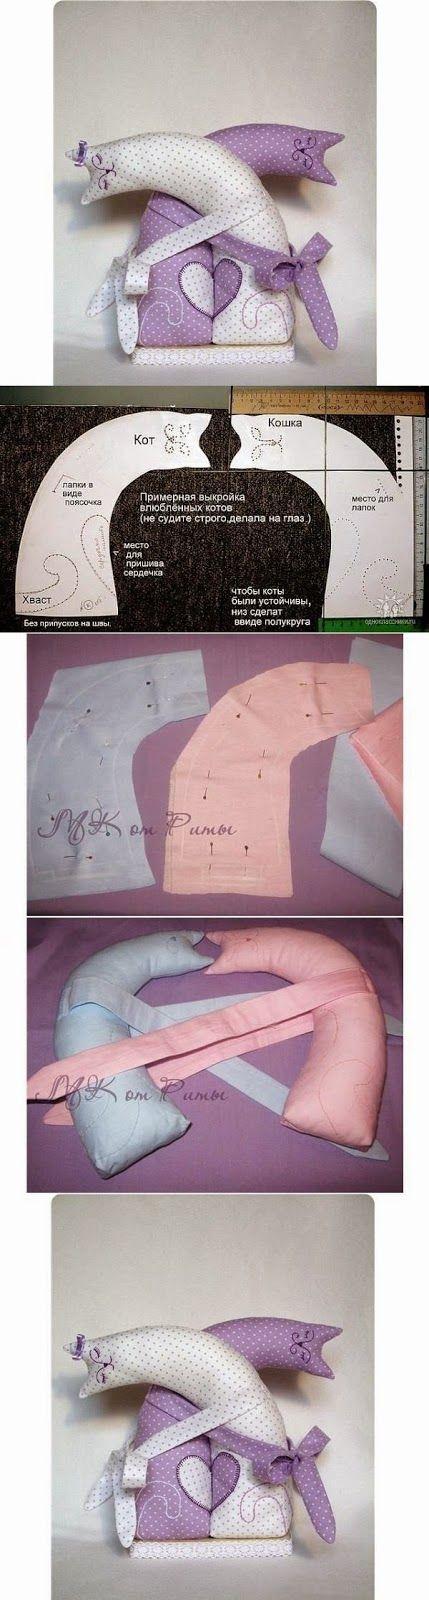 donneinpink - risparmio e fai da te: Fermaporta e pupazzi di stoffa fai da te - Tutorial e cartamodelli gratis